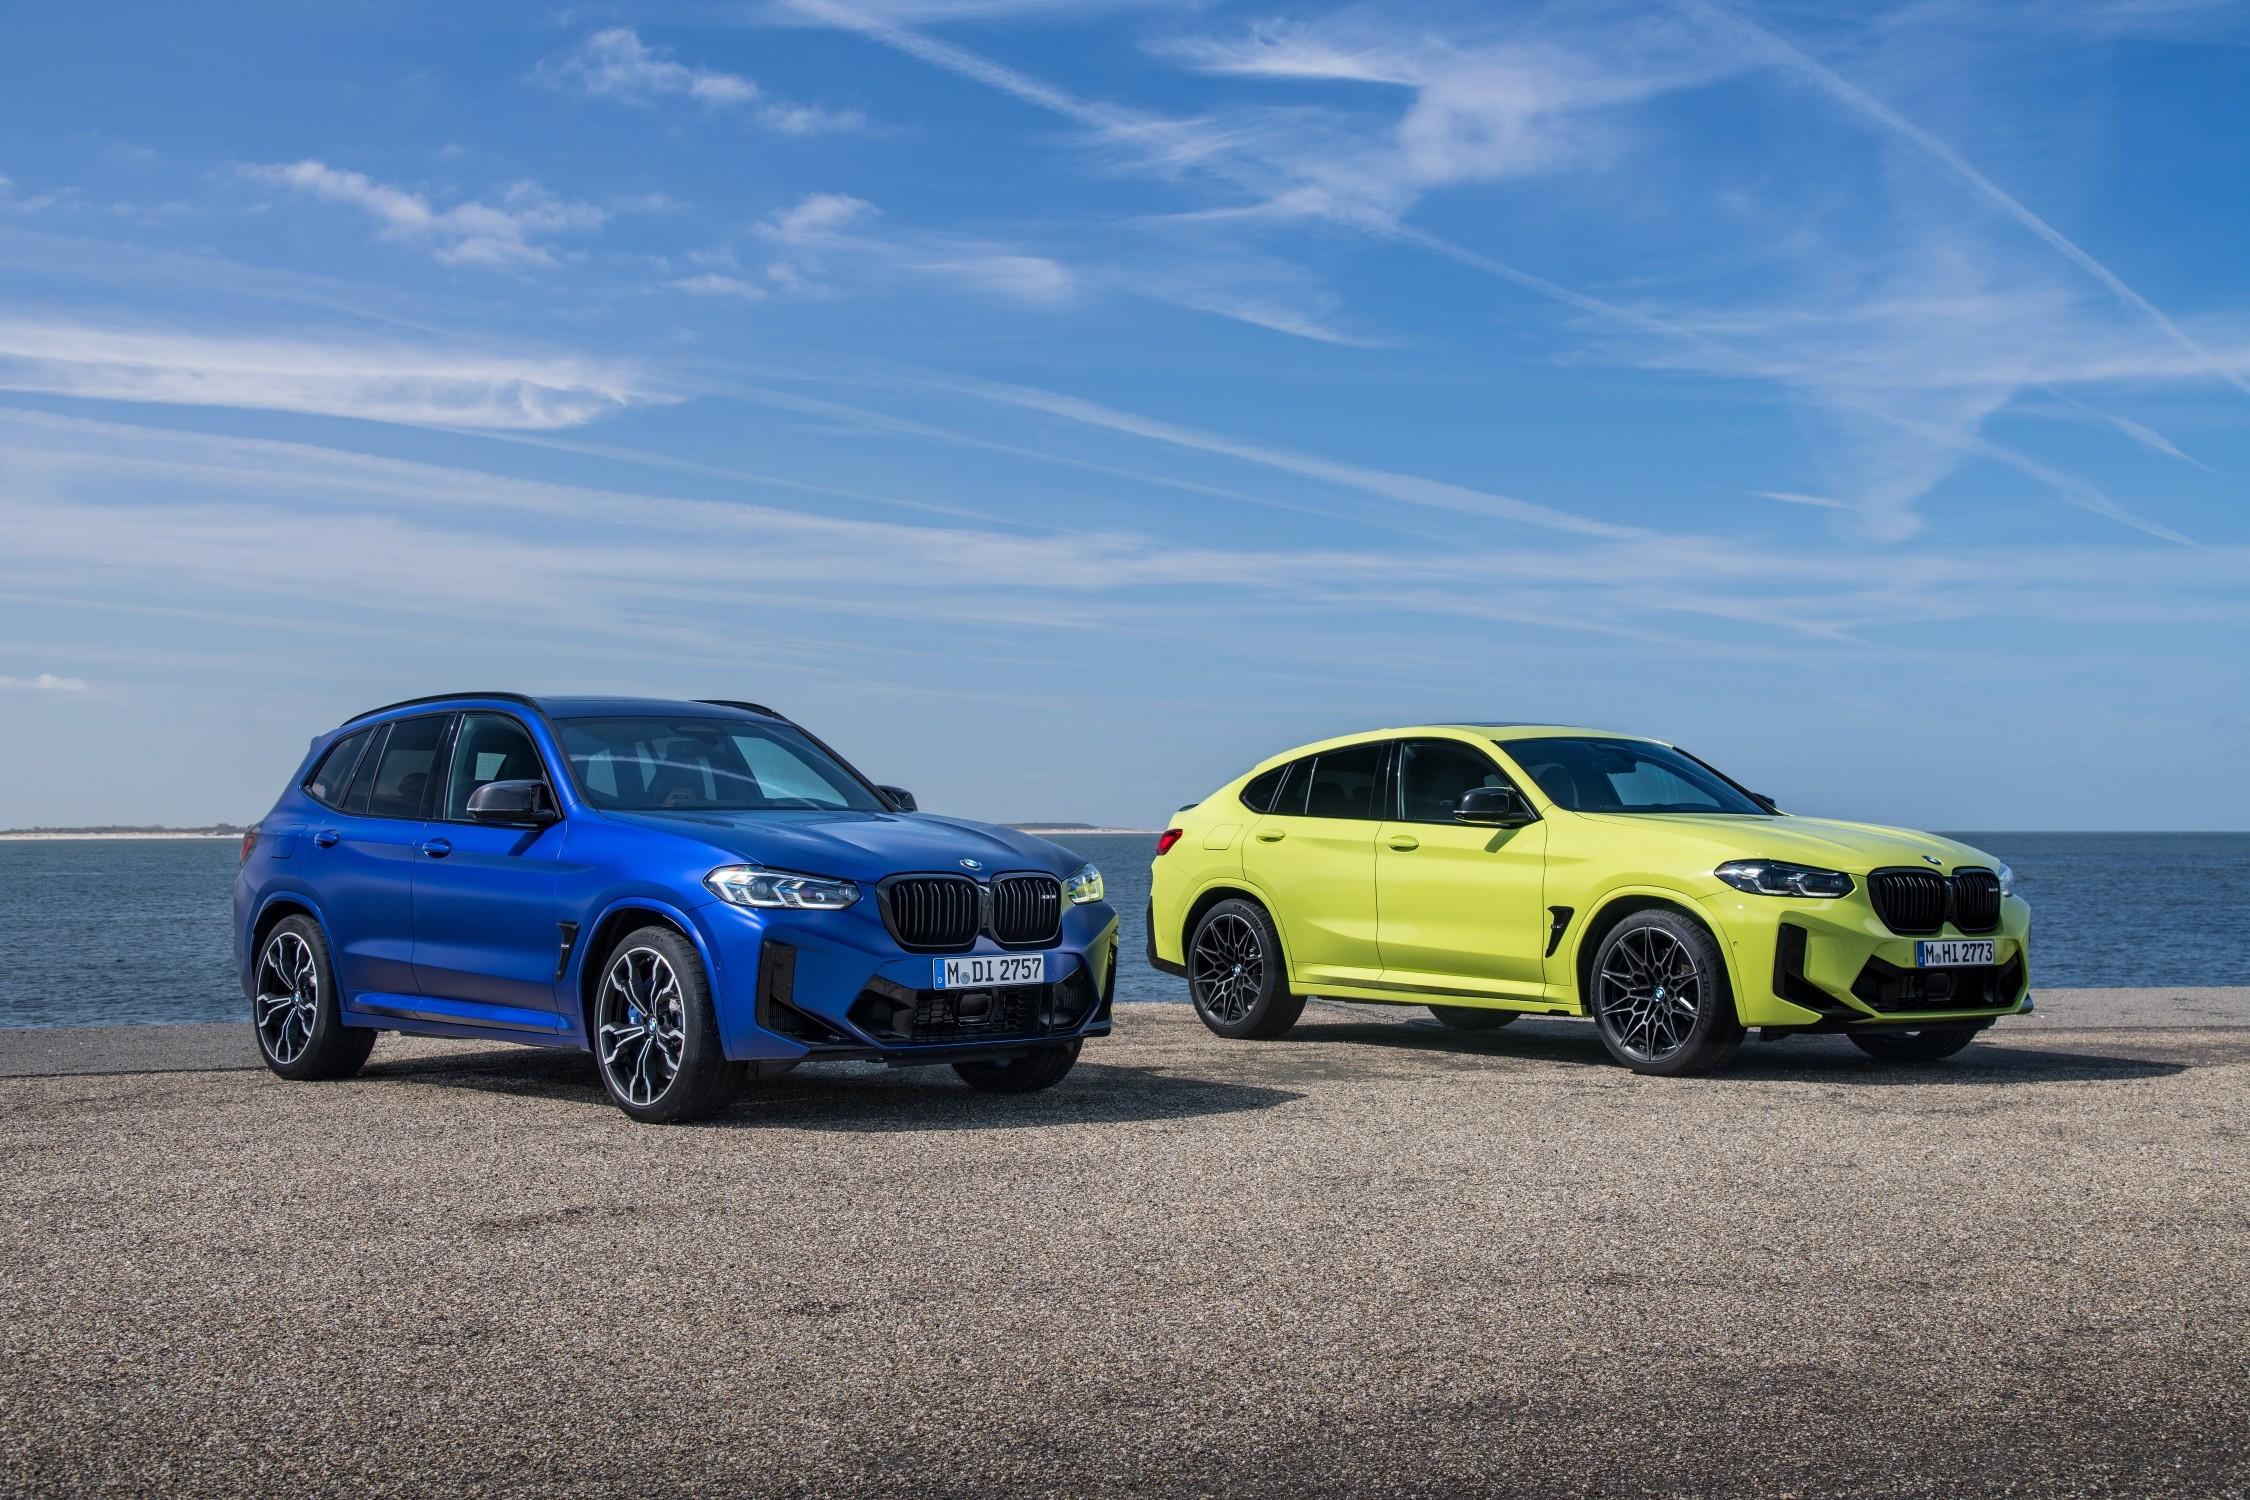 Nuova BMW X3 M e X4 M: design, interni e motori.